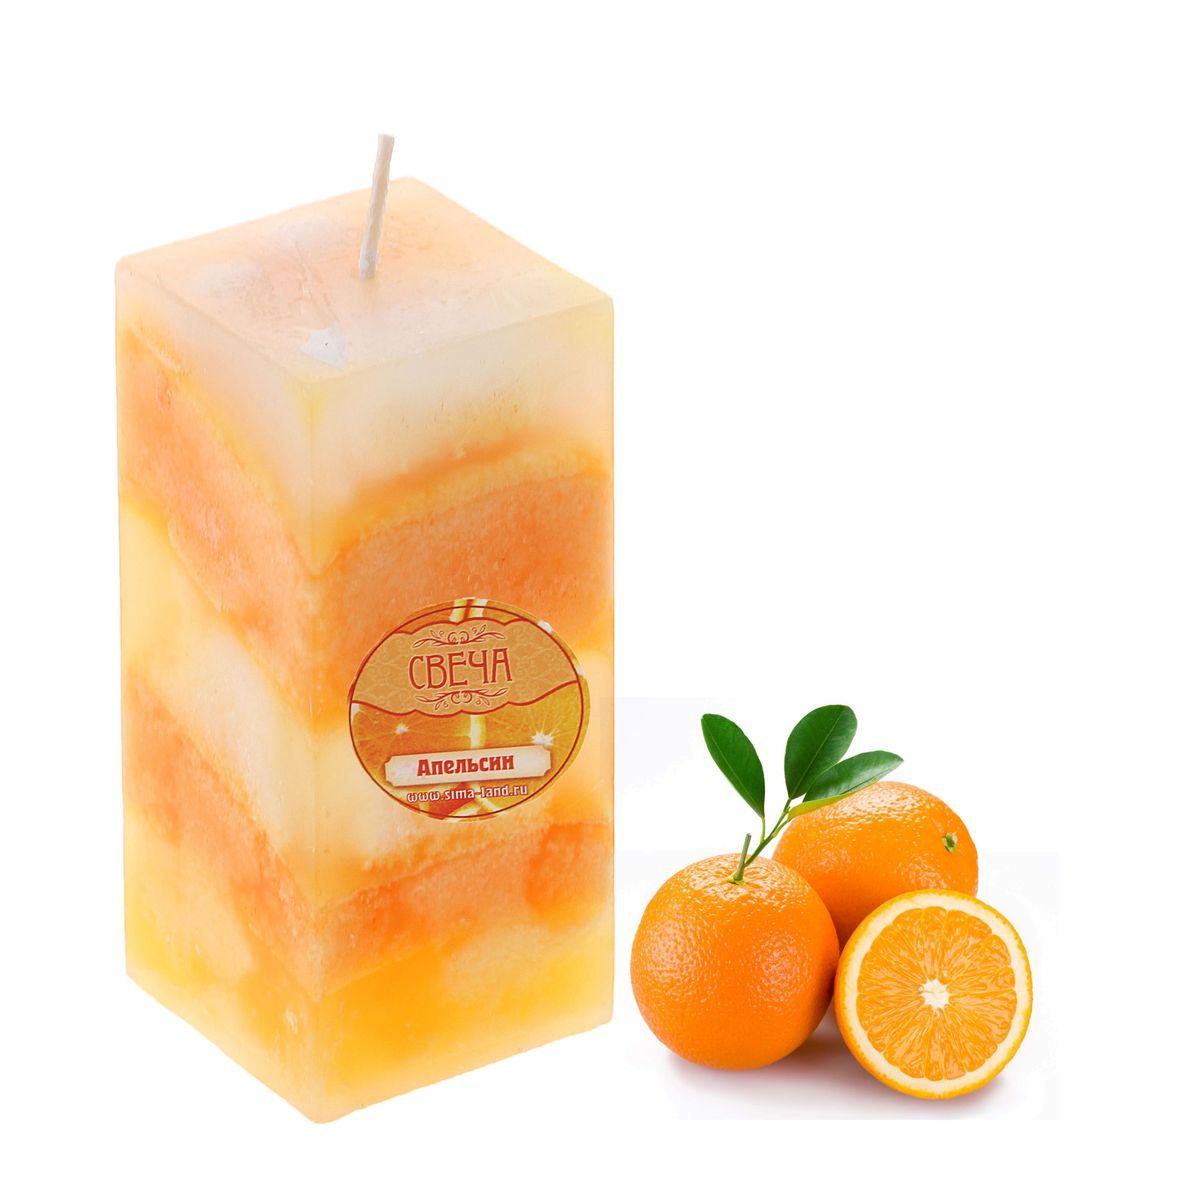 Свеча ароматизированная Sima-land Апельсин, высота 10 смFS-91909Свеча ароматизированная Sima-land Апельсин выполнена из воска. Свеча отличается ярким дизайном, который понравится как женщинам, так и мужчинам. Создайте для себя и своих близких не забываемую атмосферу праздника и уюта в доме. Свеча Sima-land Апельсин будет радовать ароматом апельсина и раскрасит серые будни яркими красками.